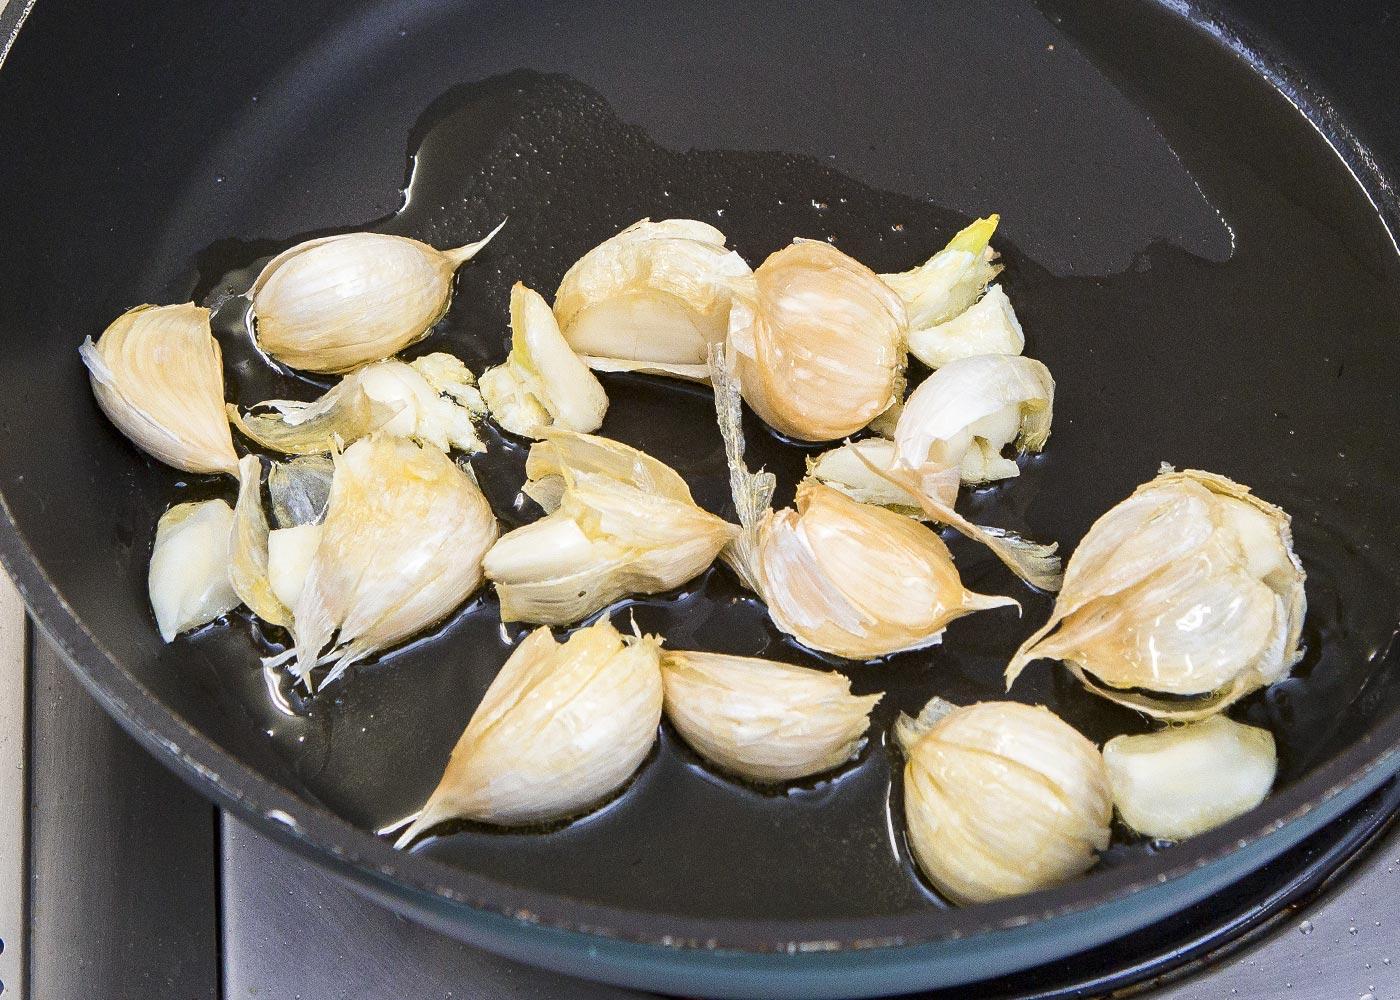 鍋に皮付きのにんにくとオリーブ油を入れ、弱火にかけ、にんにくの上下を返しながら火を通す。